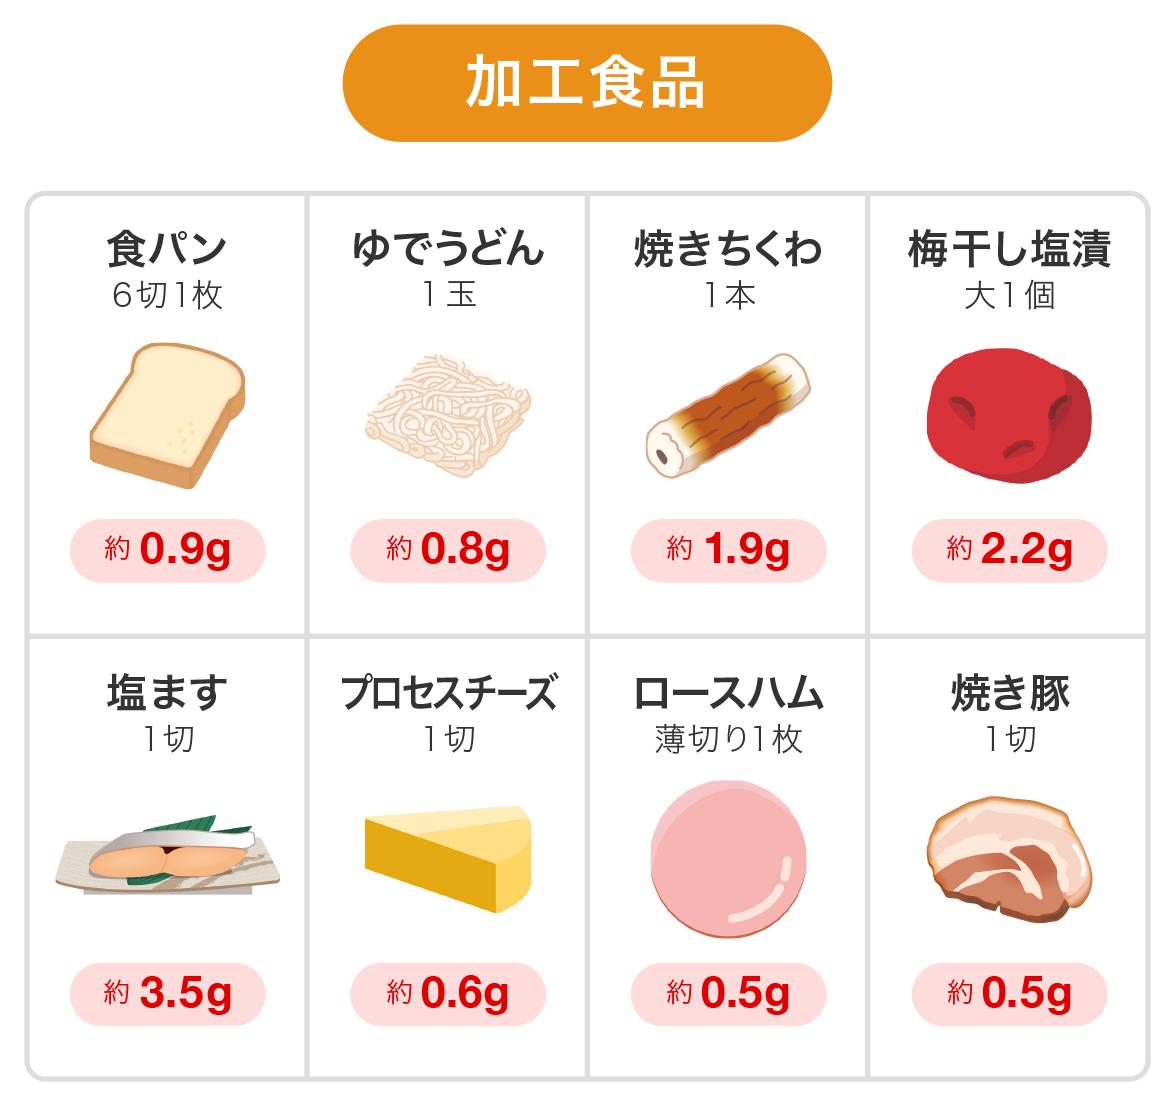 血圧 下げる に は 血圧を確実に下げる食事、減塩は無意味!?